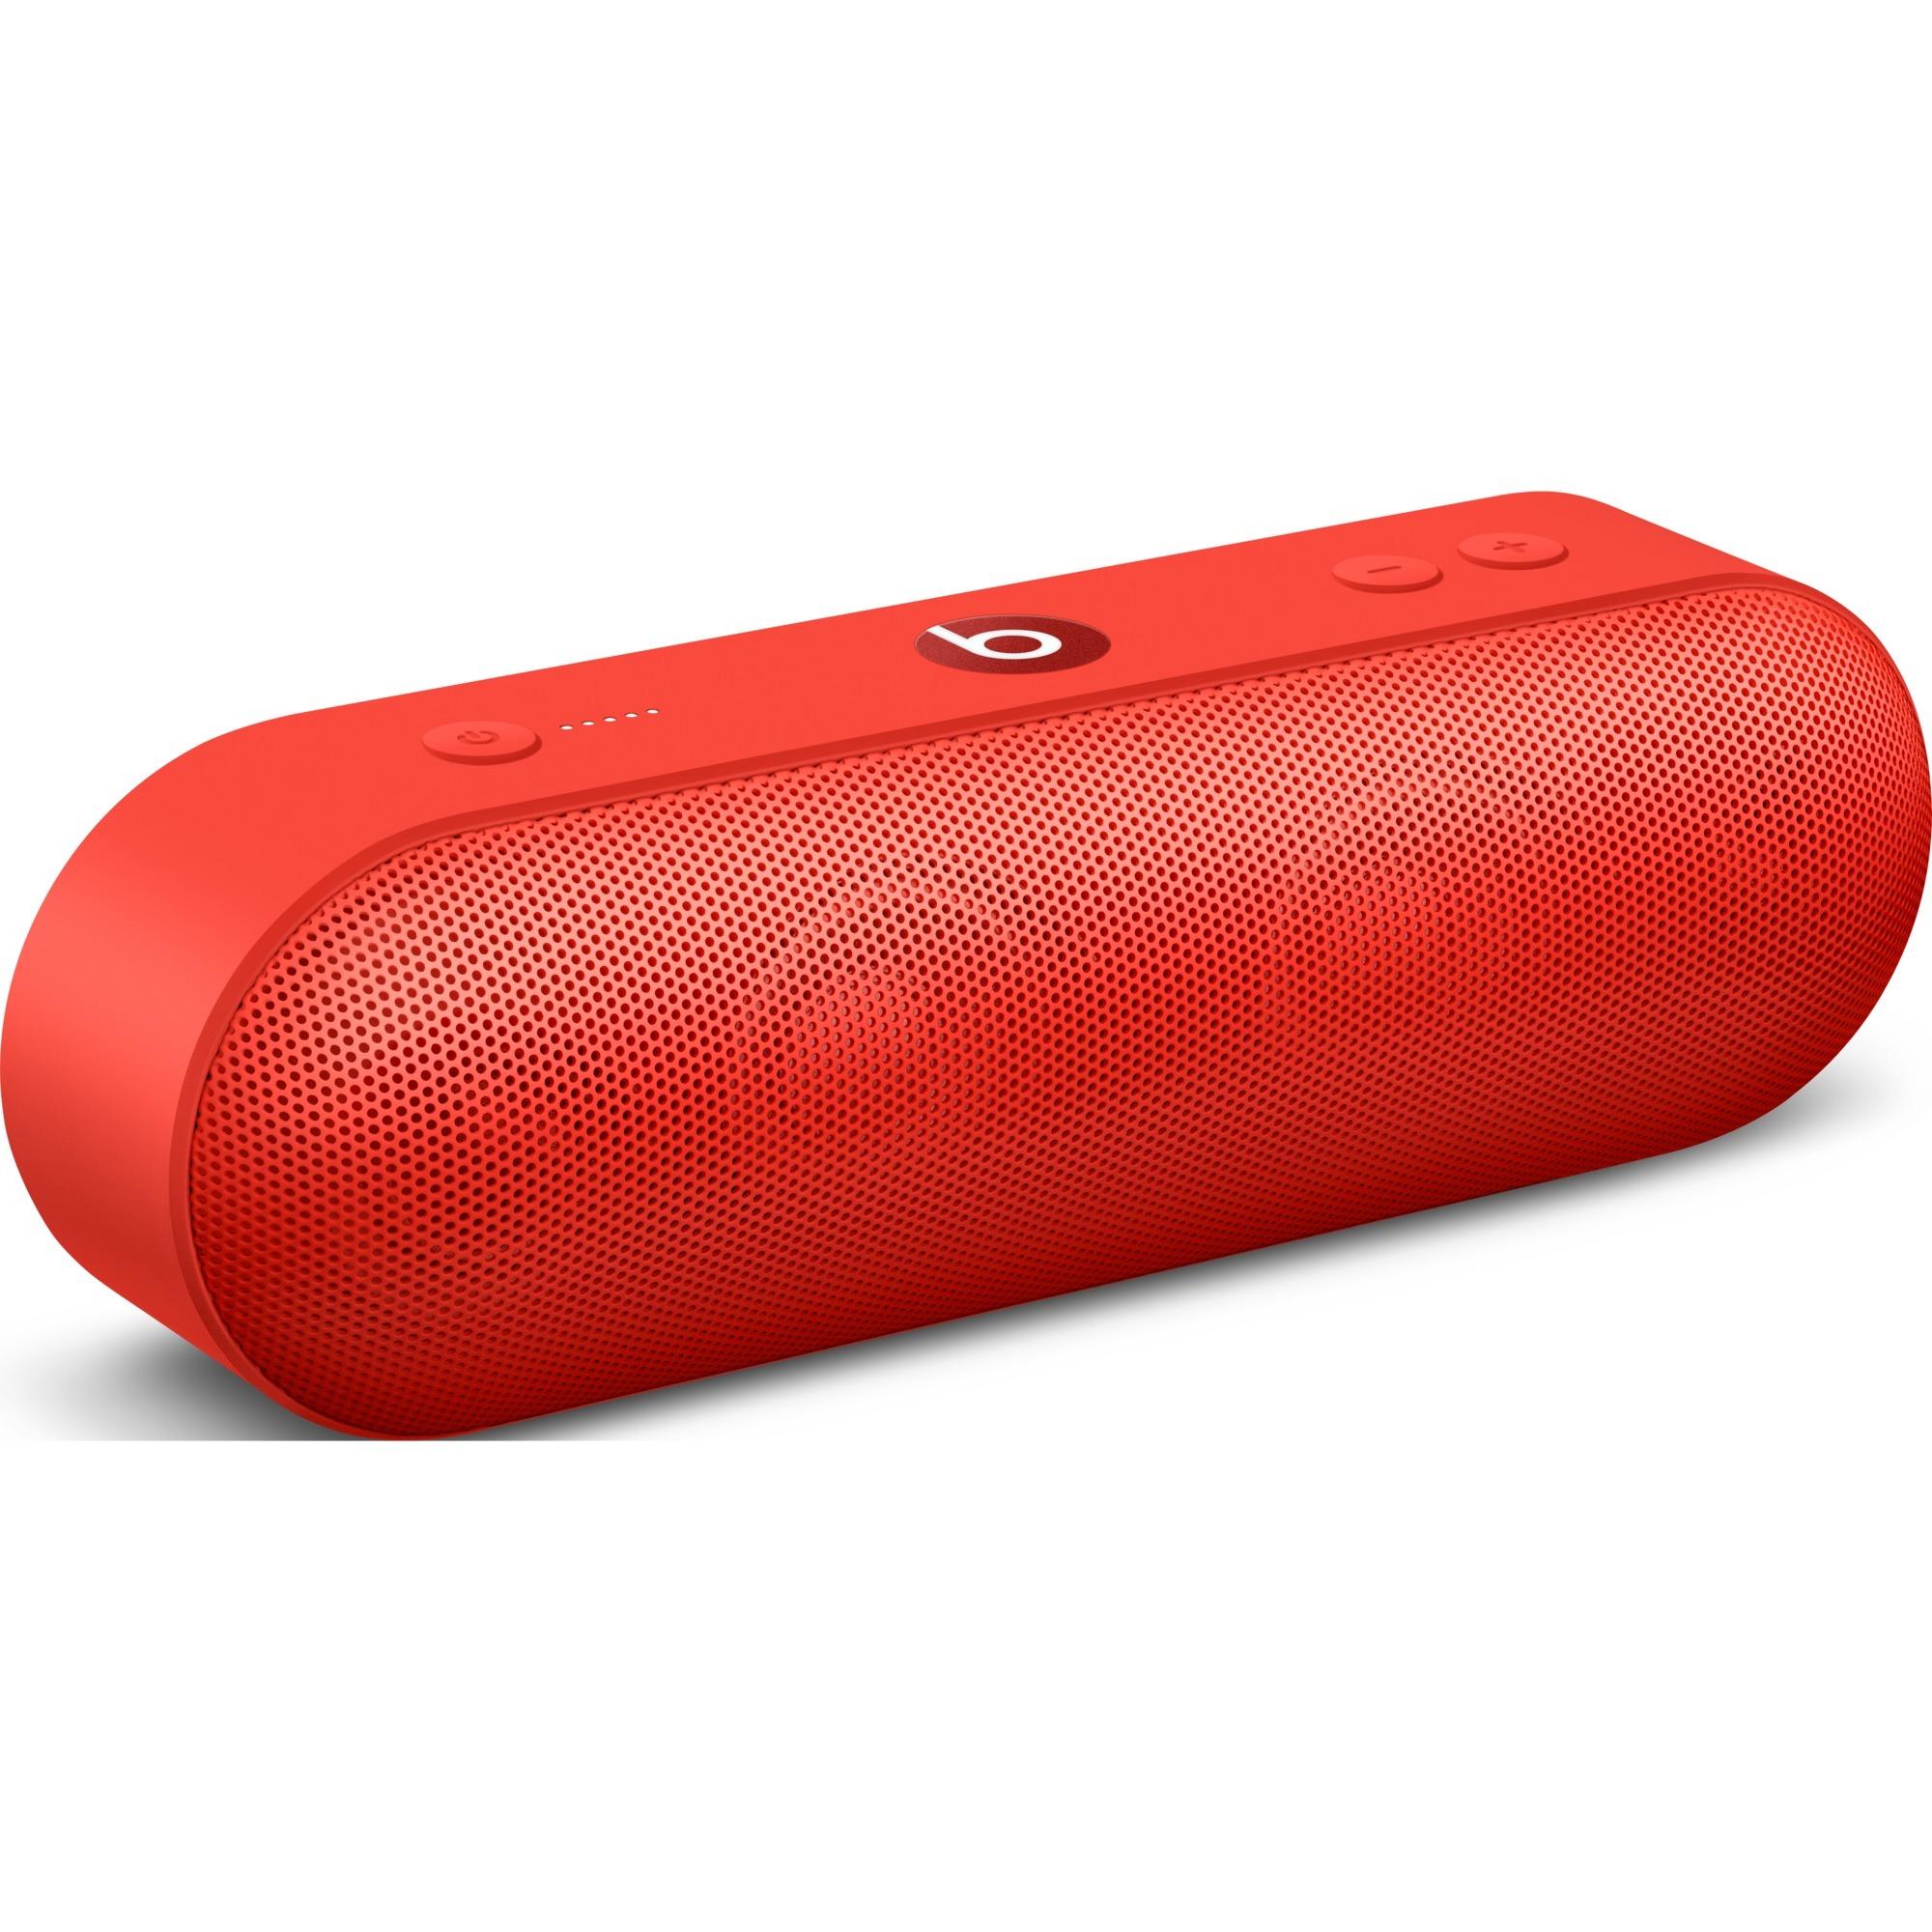 Beats Pill+ Enceinte portable stéréo Rouge, Haut-parleur